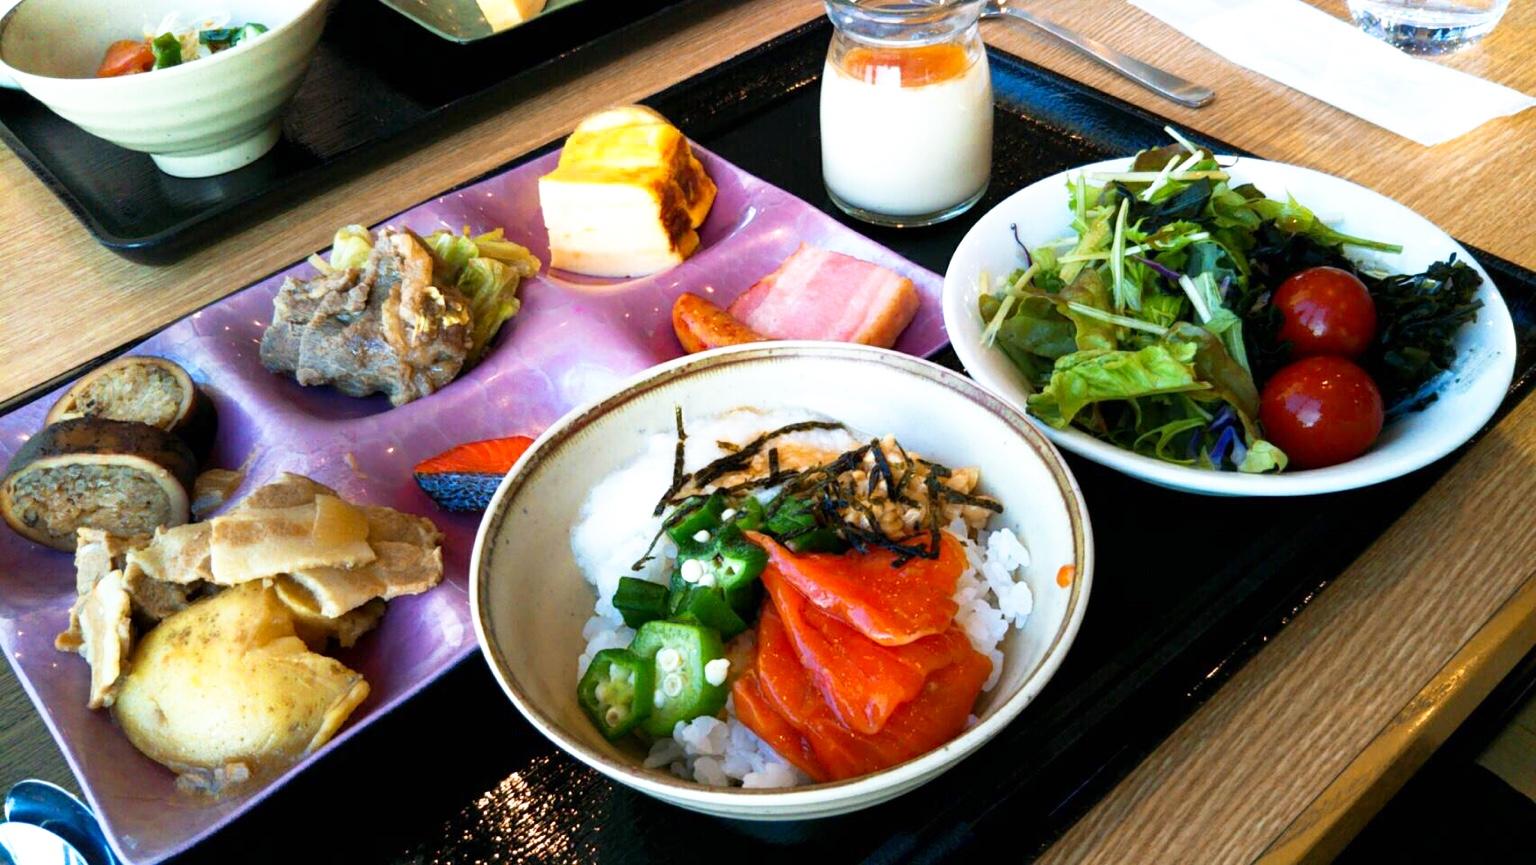 新函館北斗駅のホテル「ラ・ジェント・プラザ」道南食材が並ぶ朝食が美味しい!